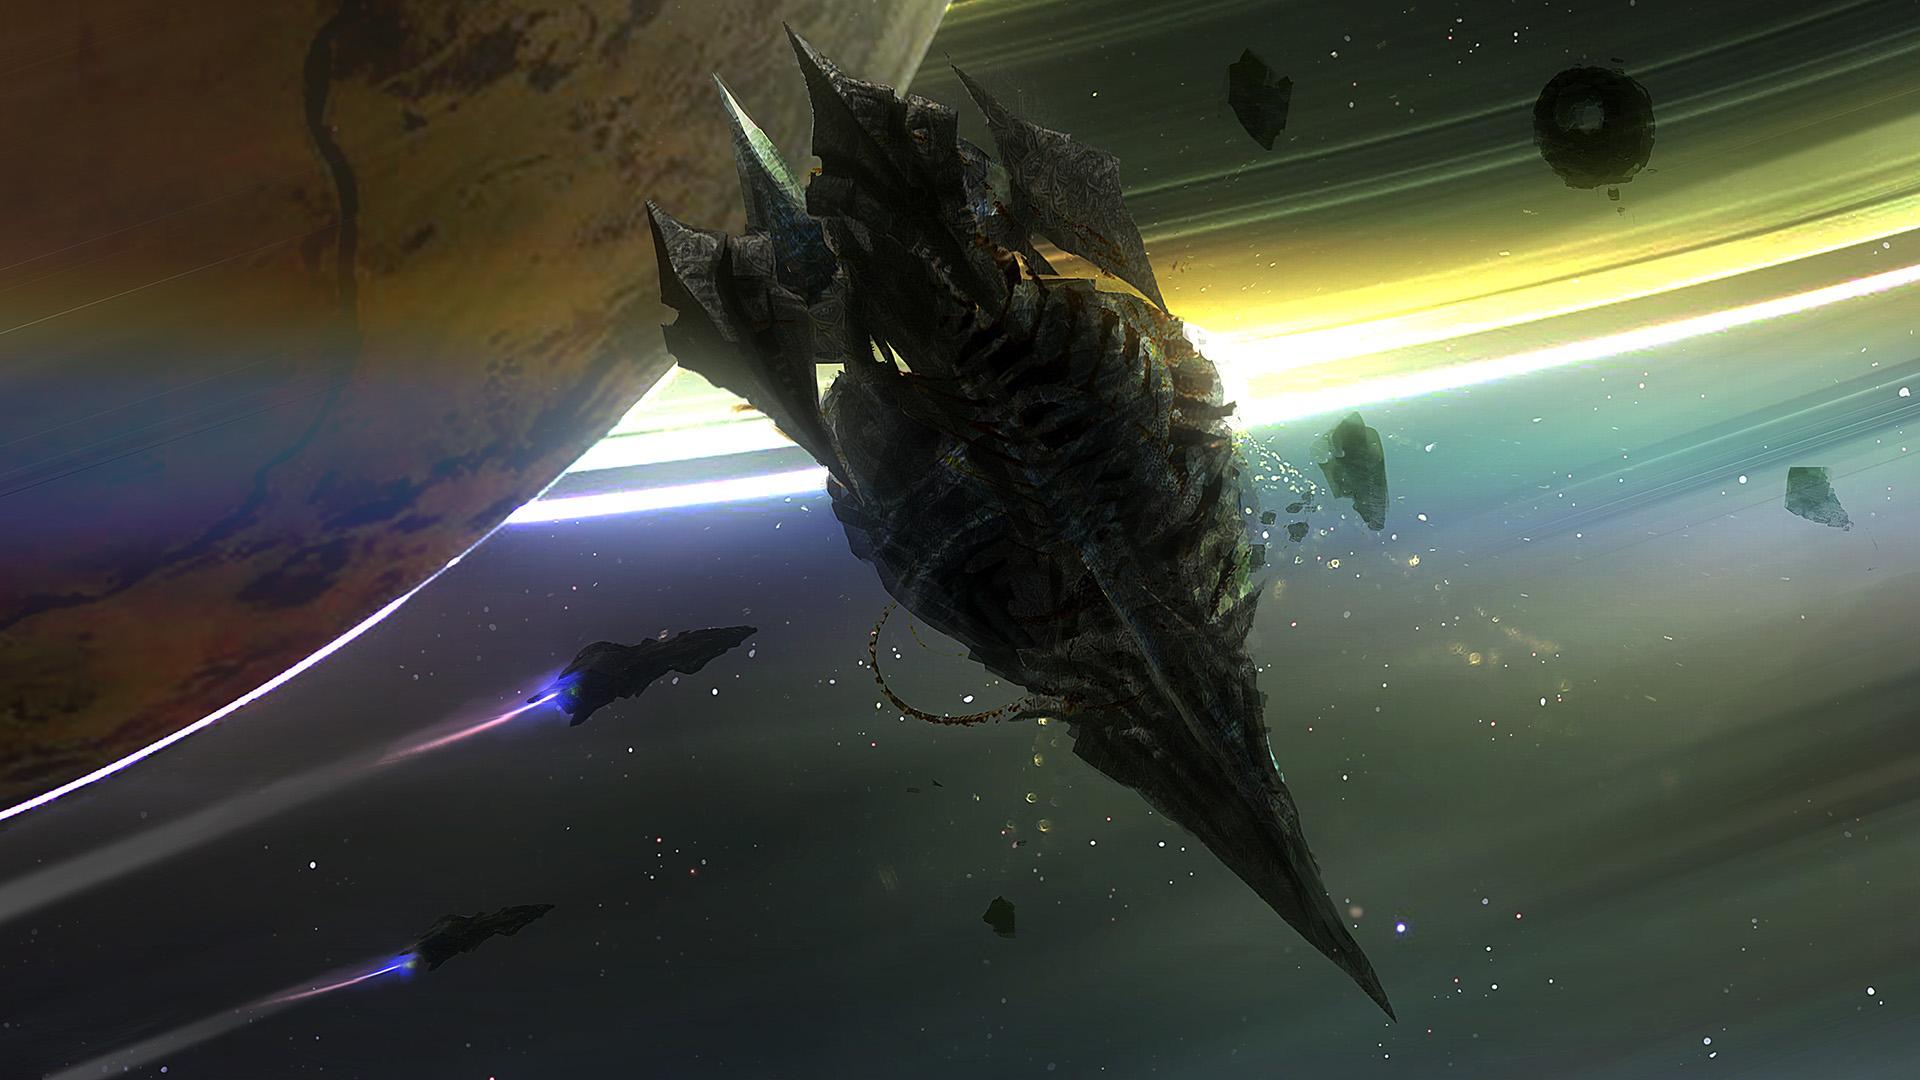 1334-alien-artifact-david-demaret